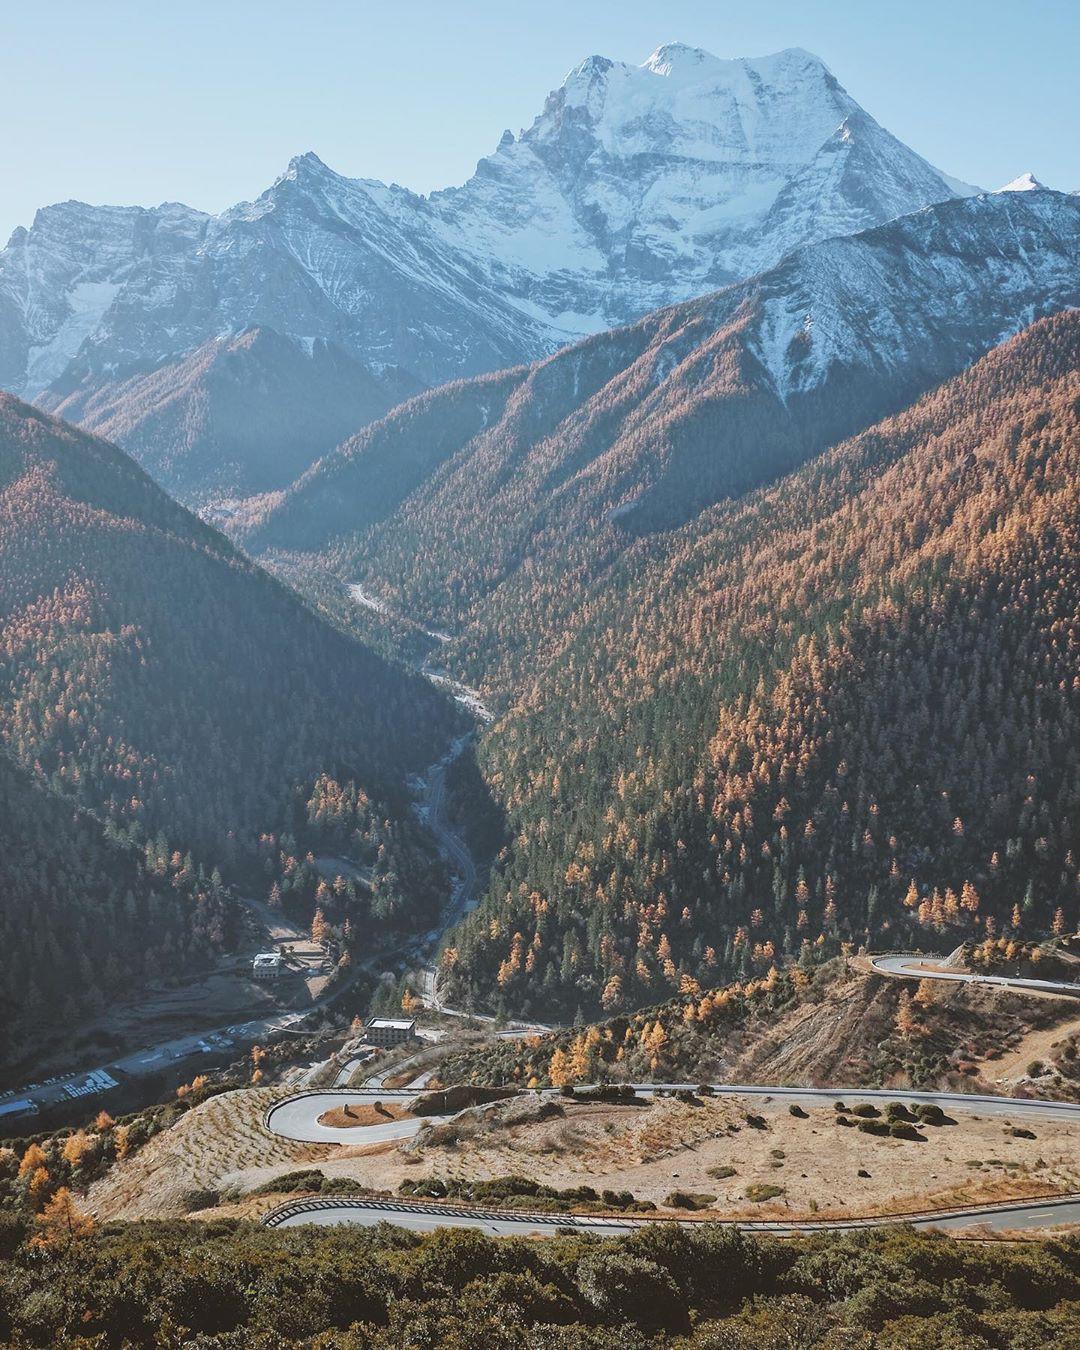 Ít ai biết Trung Quốc có một nơi được mệnh danh tận cùng nhân gian: Đường đi vô cùng khó khăn, phong cảnh đẹp đến choáng ngợp! - Ảnh 16.